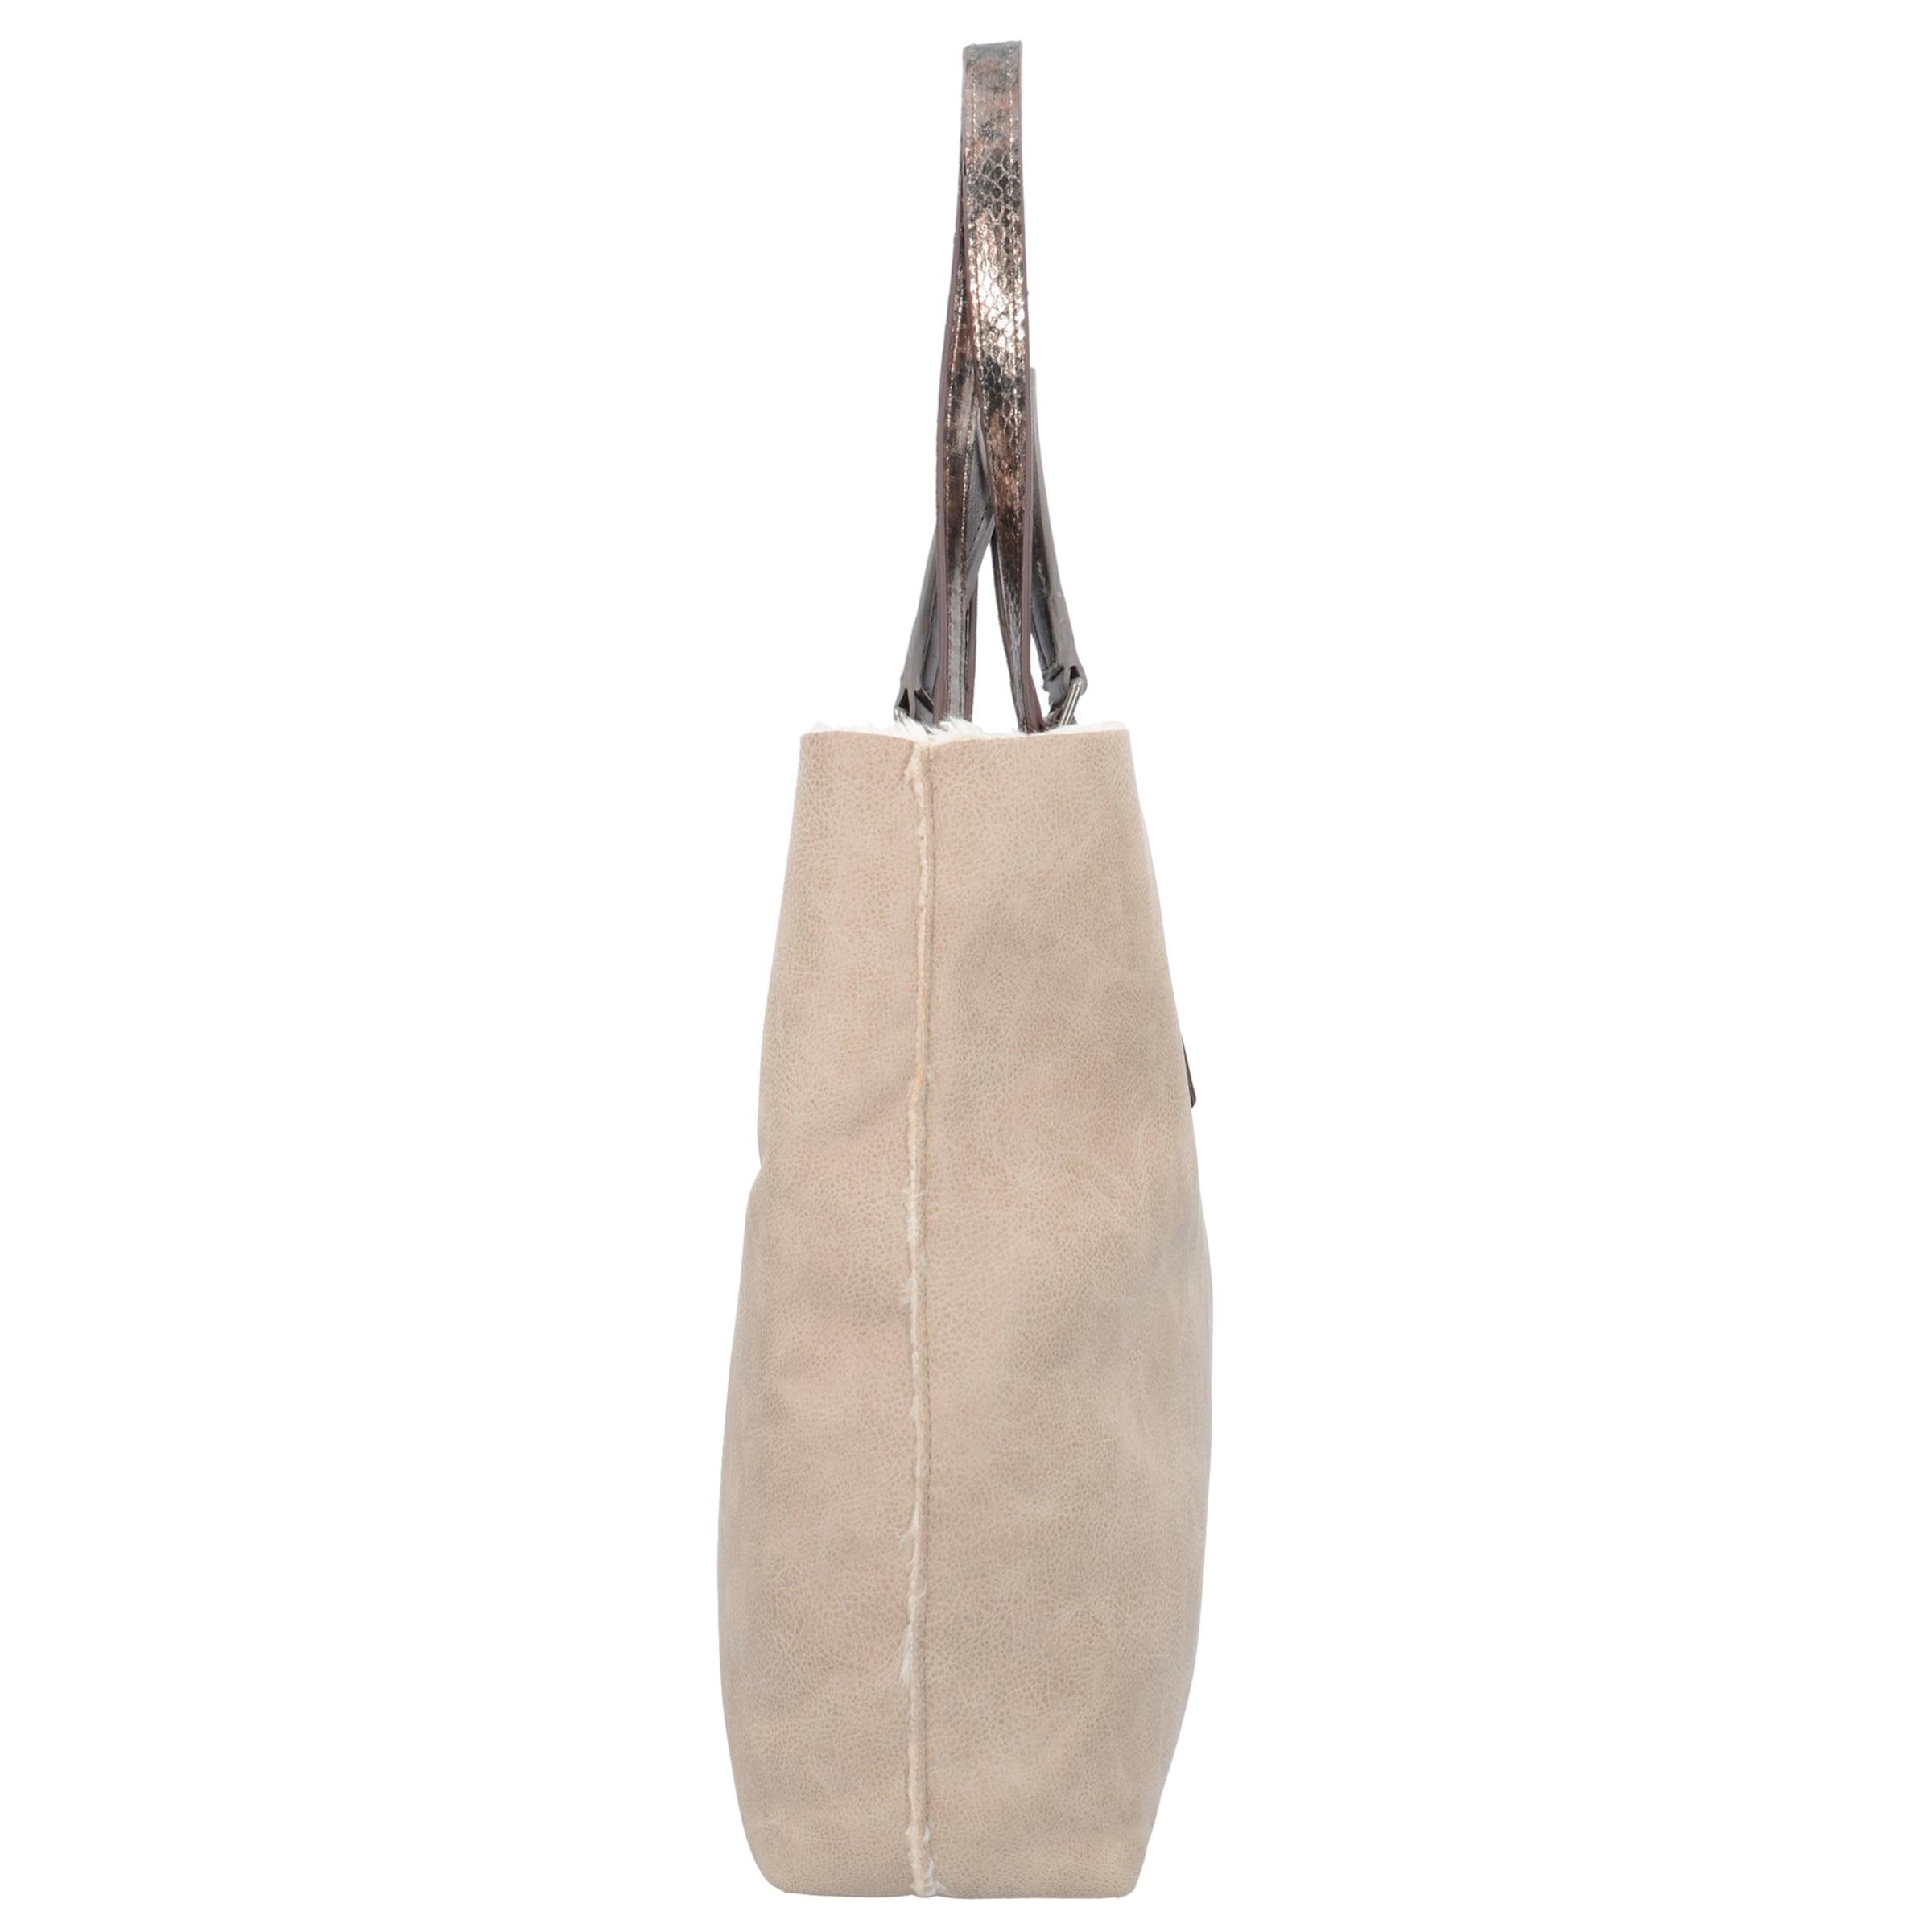 TAMARIS 'AMBER' Shopper Tasche 33 cm  Beschränkte Auflage Angebote Zum Verkauf Geringster Preis Billig 100% Authentisch CX6tJRx